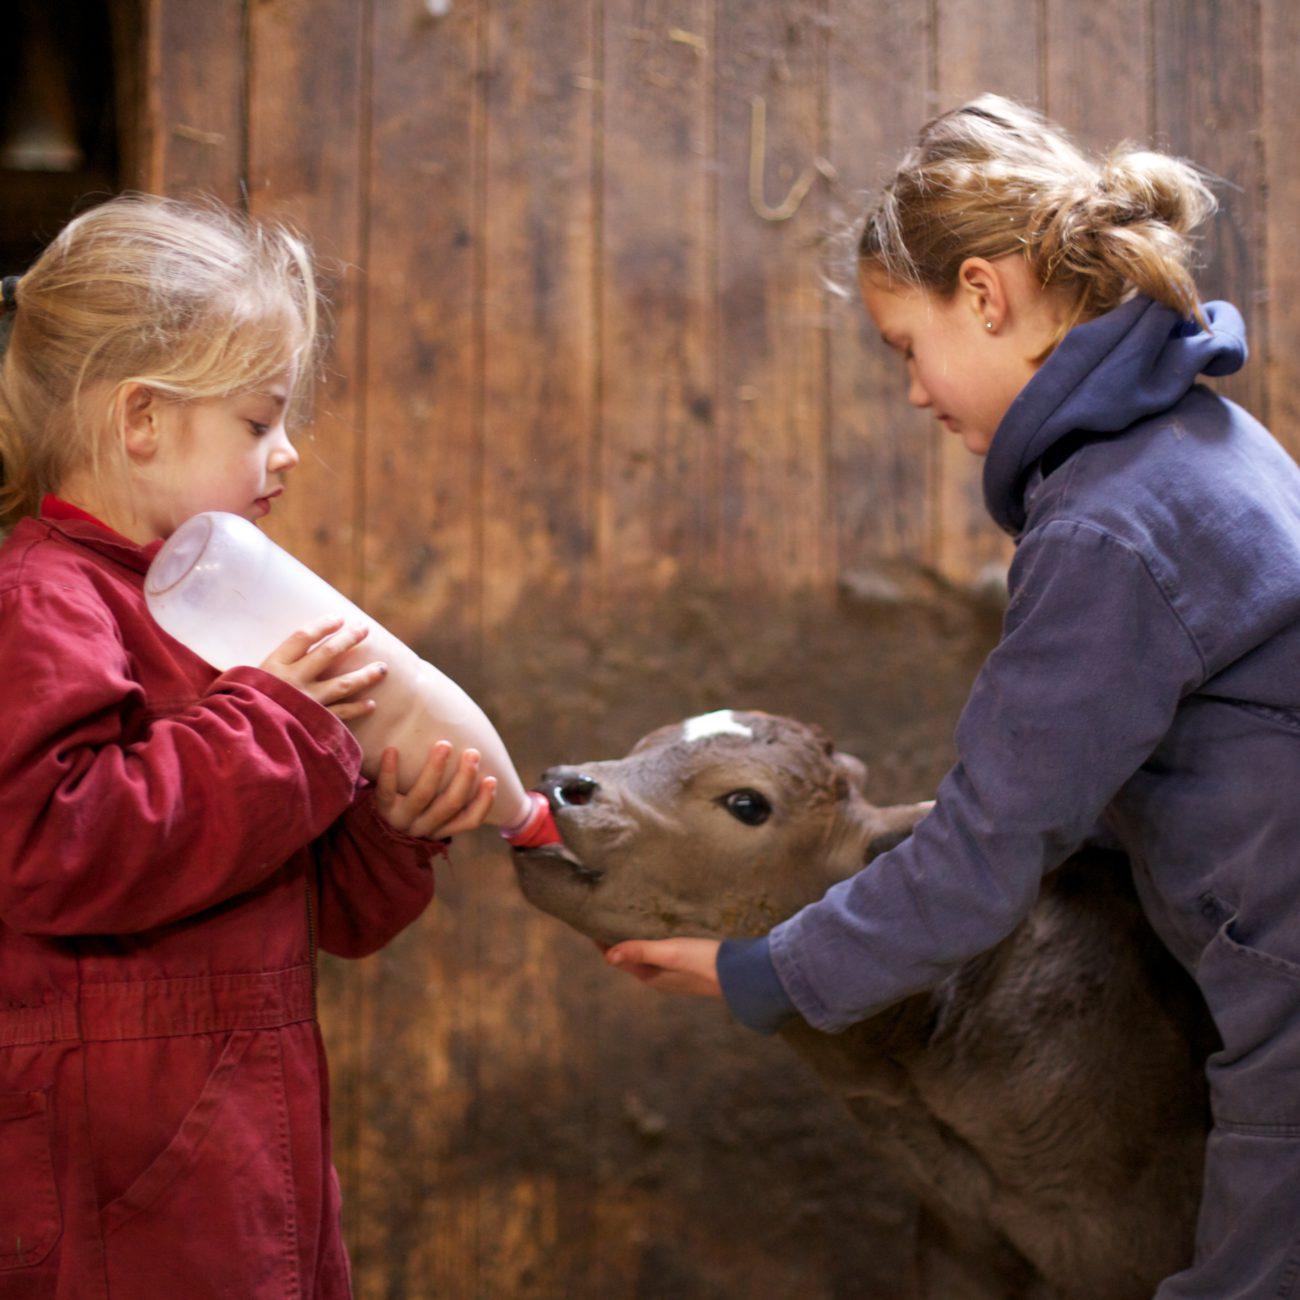 2 kinderen in overall die kalf melk geven